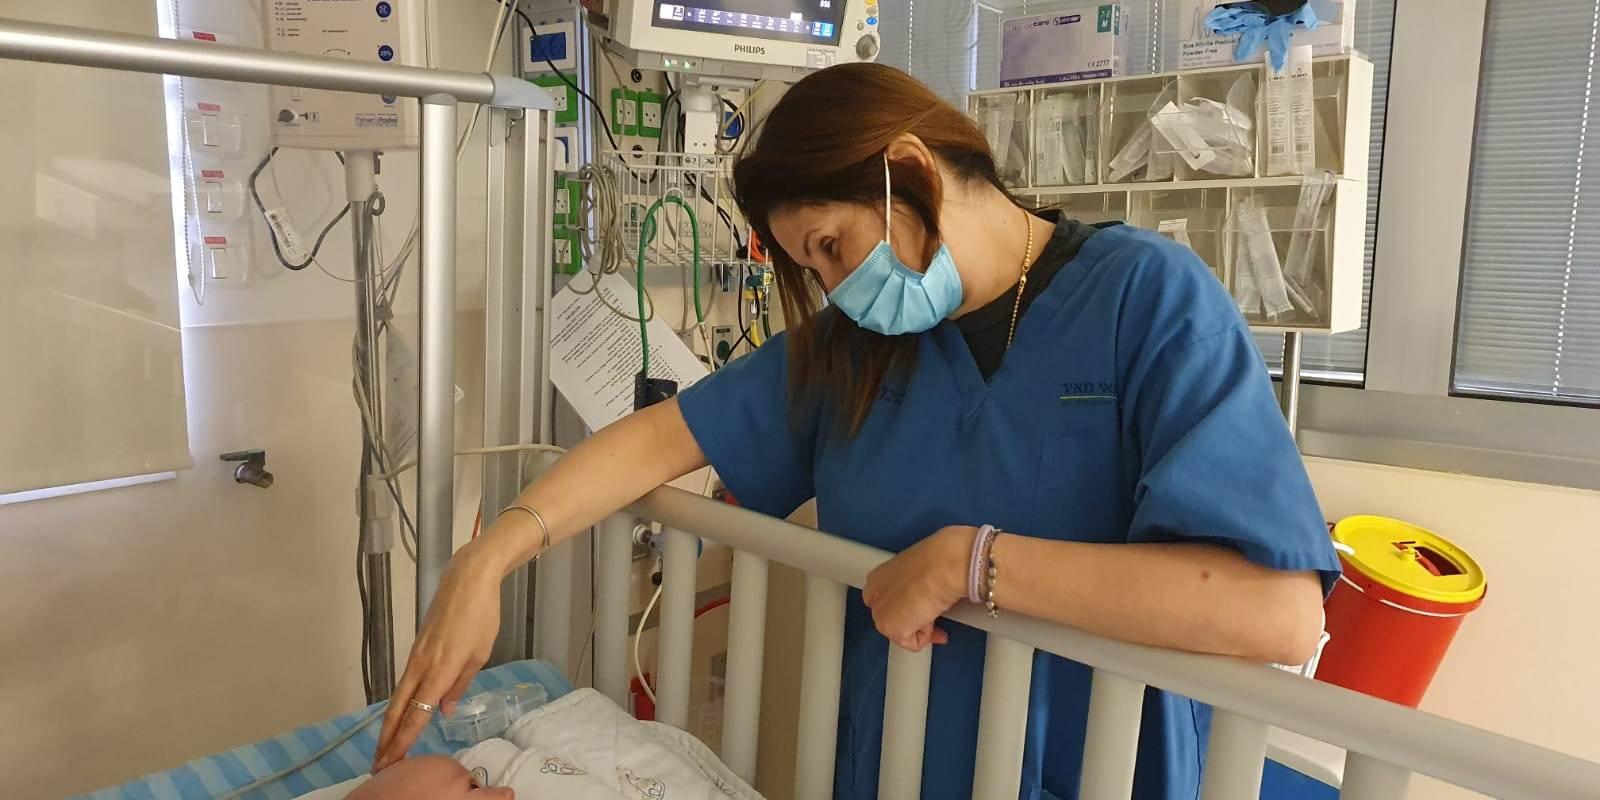 2תינוקות במצב מסכן חיים בעקבות שעלת טופלו בבית חולים מאיר